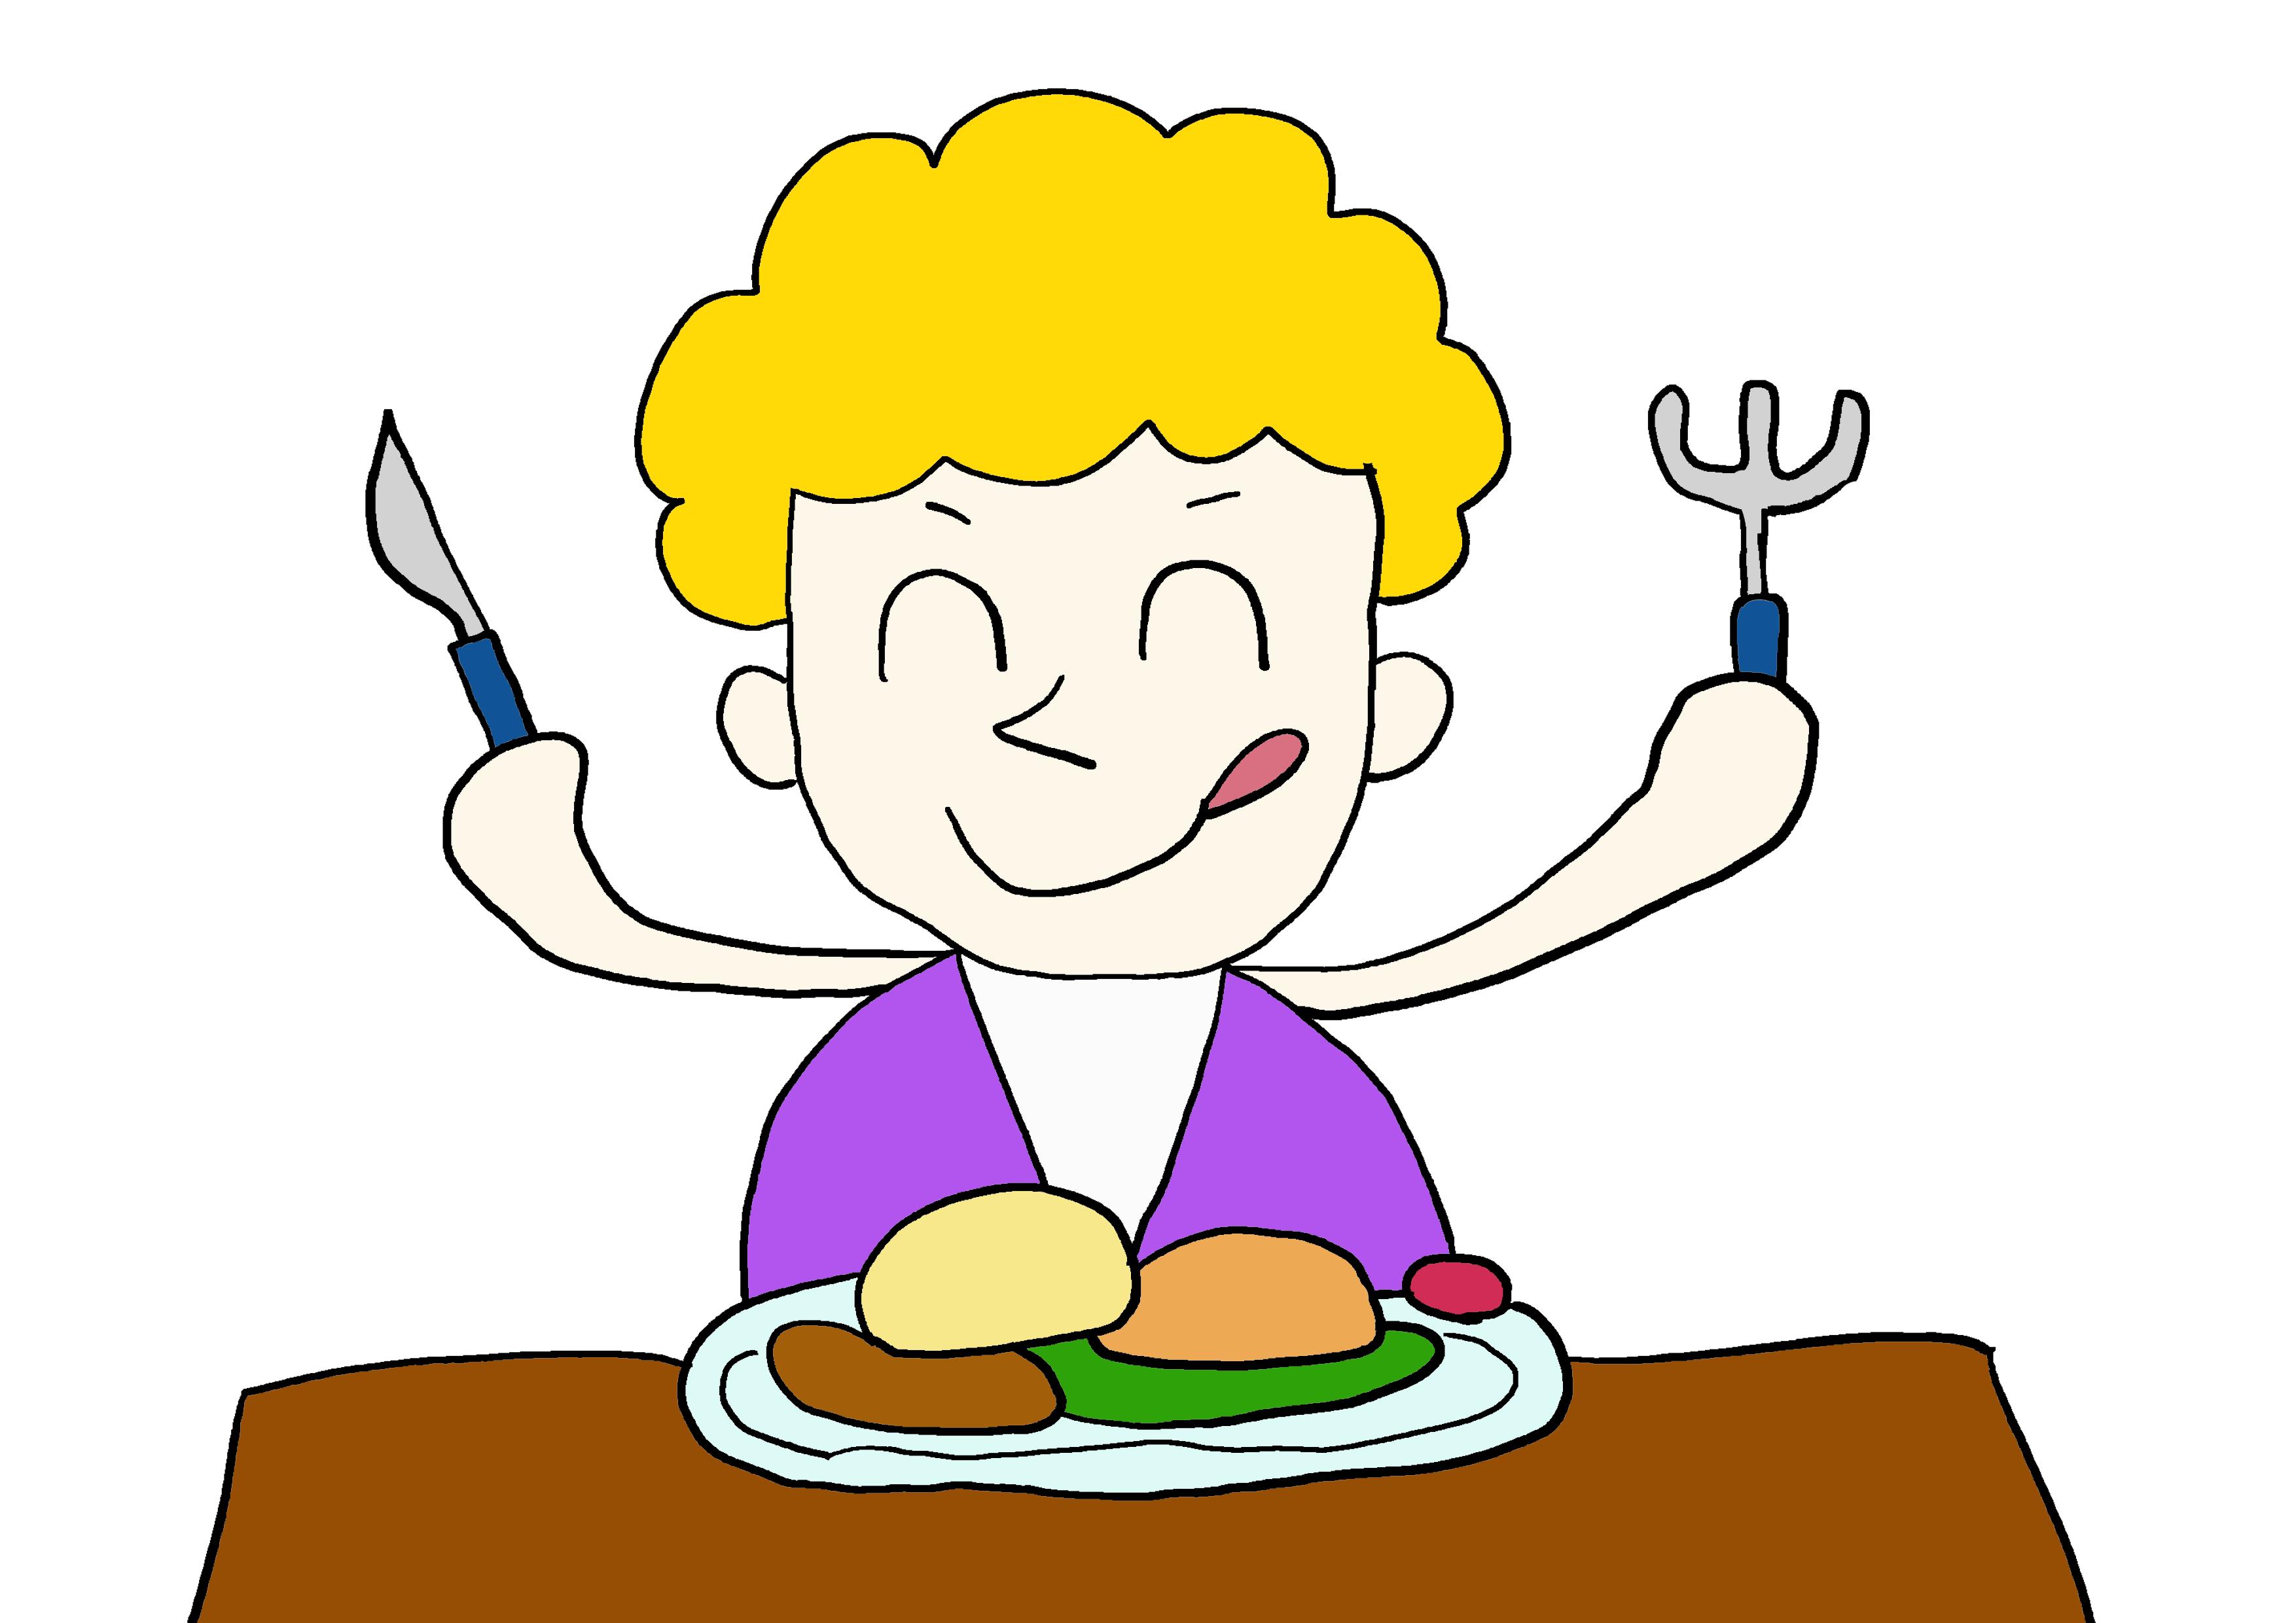 イラスト【食べる】